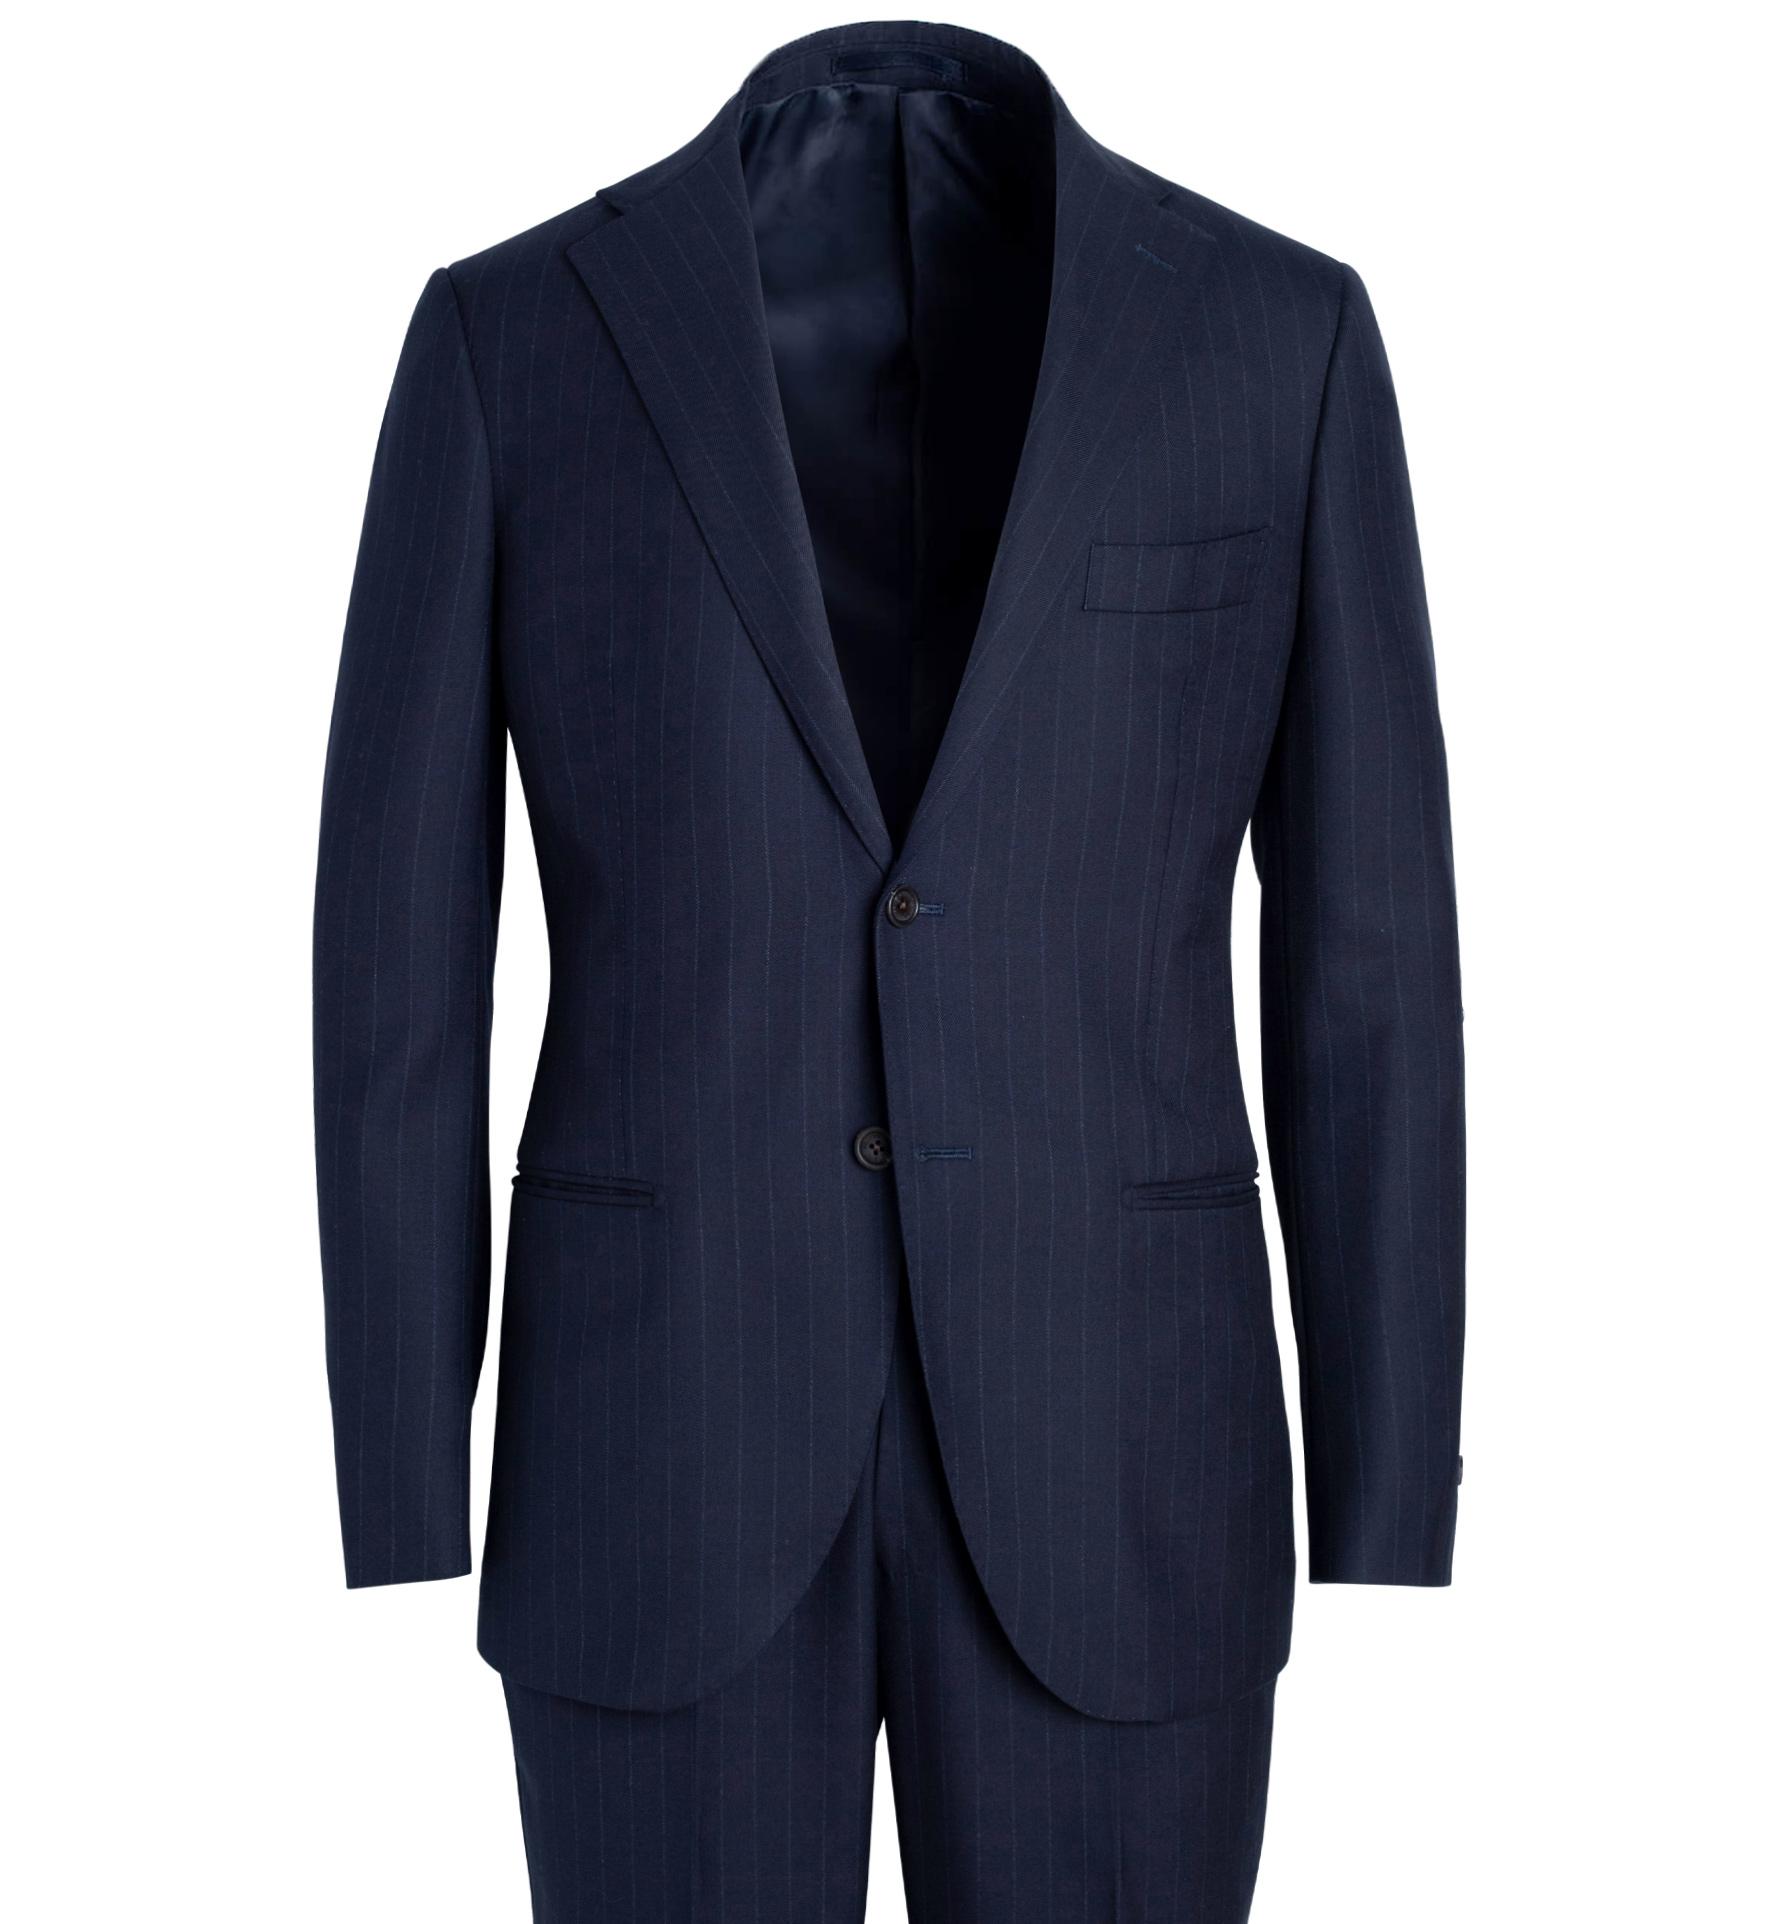 Zoom Image of Allen Navy Pinstripe S130s Wool Suit